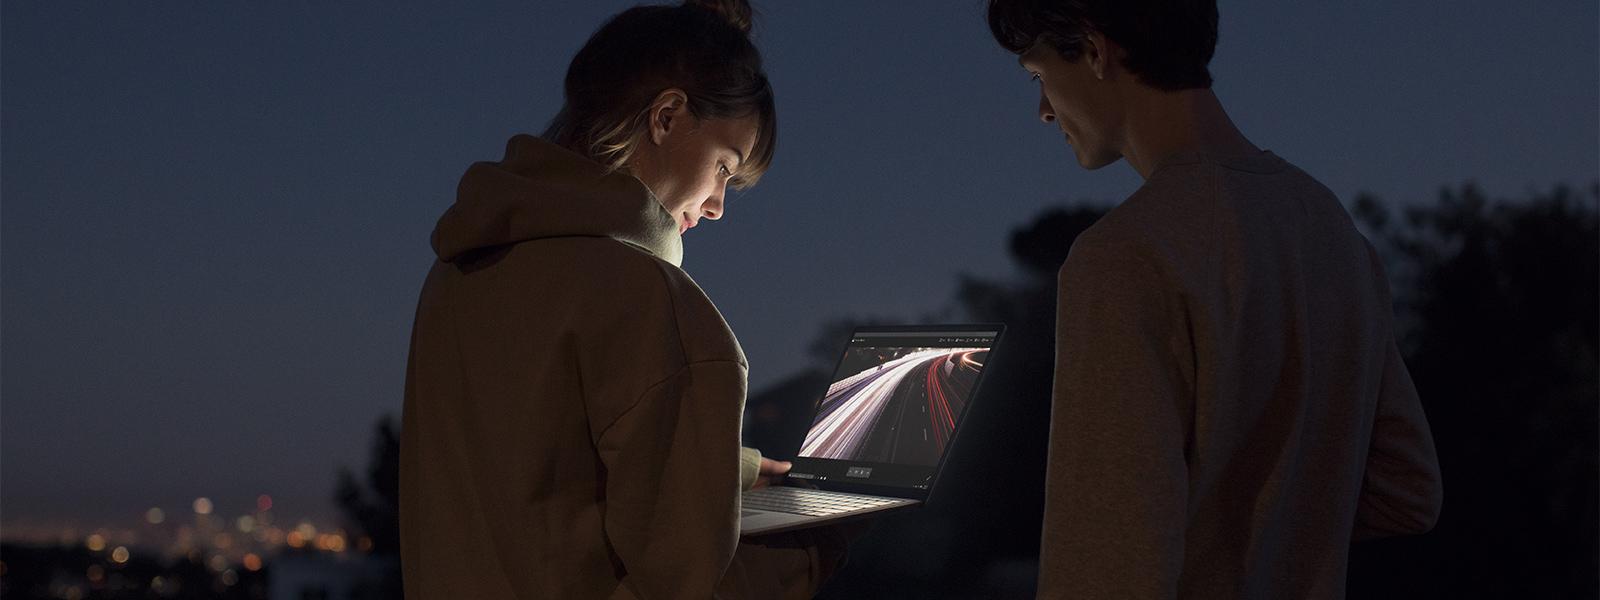 Surface PixelSense™ 디스플레이를 보는 남성과 여성